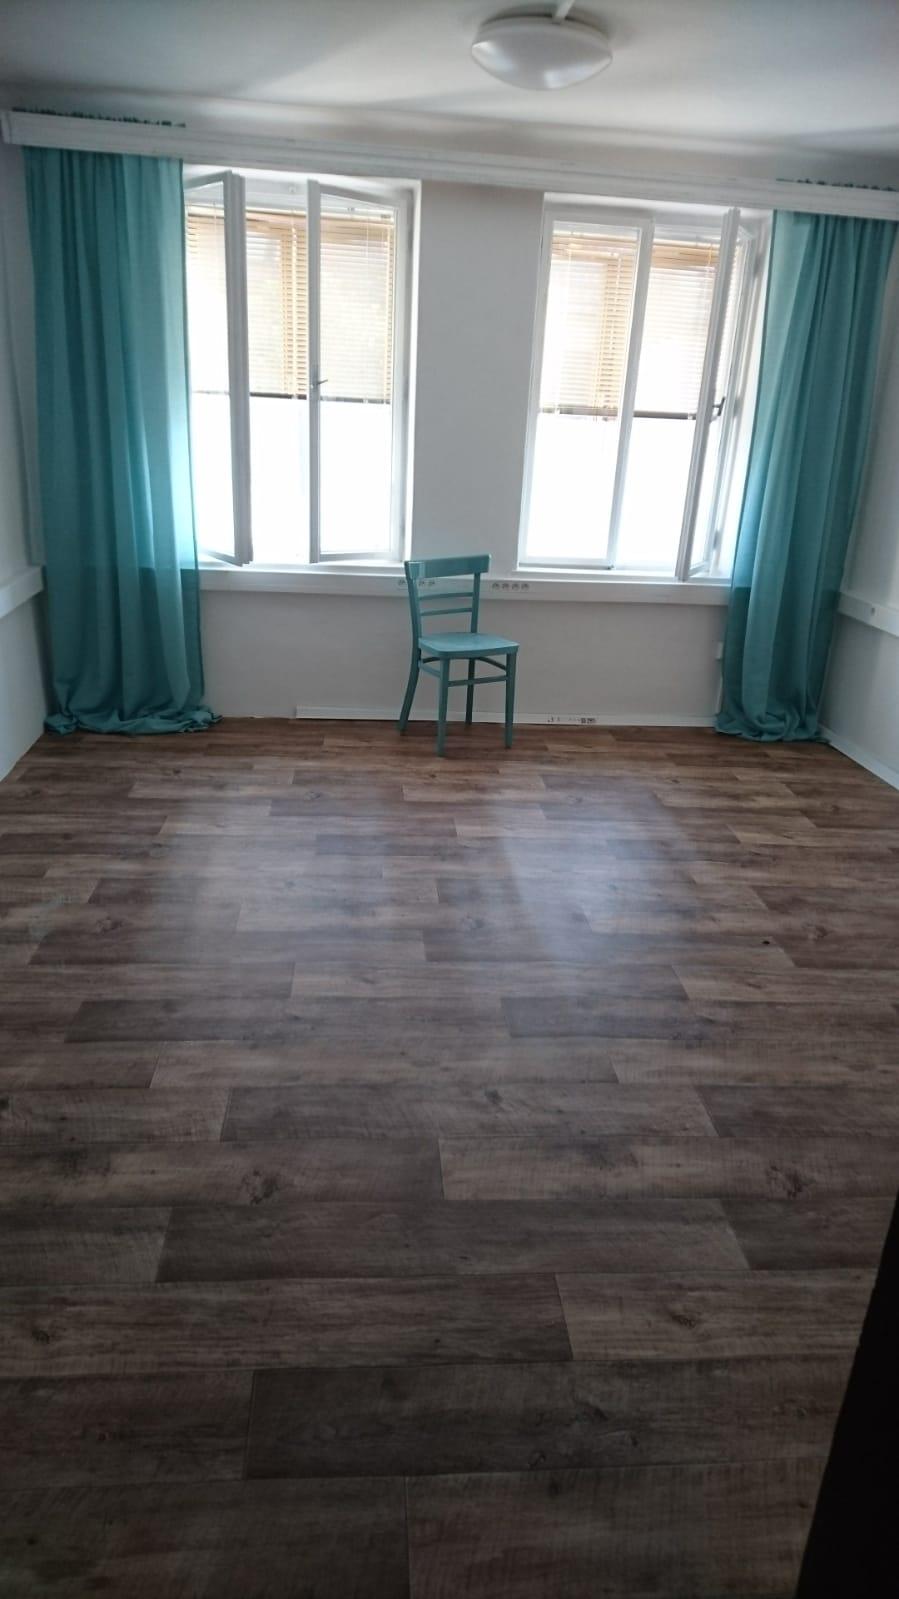 """Tak jedna místnost """" poléčená """" 😁 kdo zná, tak ví, že kancelář máme v podkroví u toho úžasného okna, teď ji stěhujem vedle na domeček - prostě dítě a kancelář doma nejdou dohromady 😂🙏 - Obrázek č. 2"""